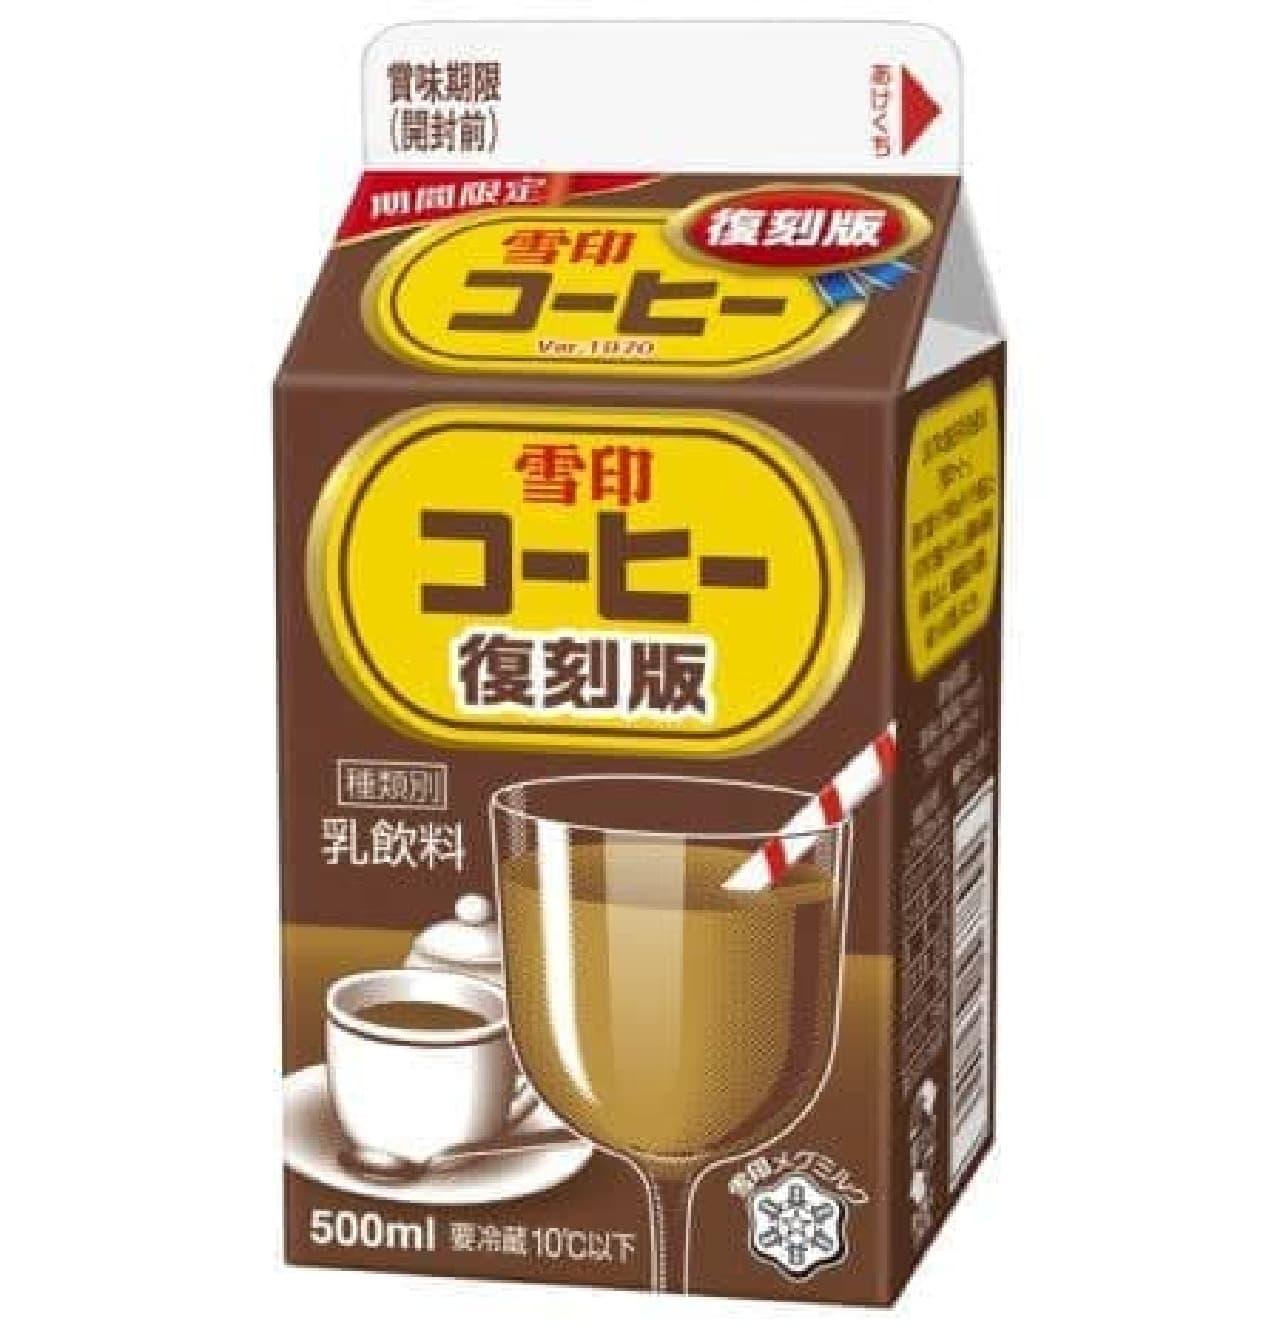 「雪印コーヒー復刻版(500ml)」は発売当時の「雪印コーヒー」の風味が味わえるドリンク